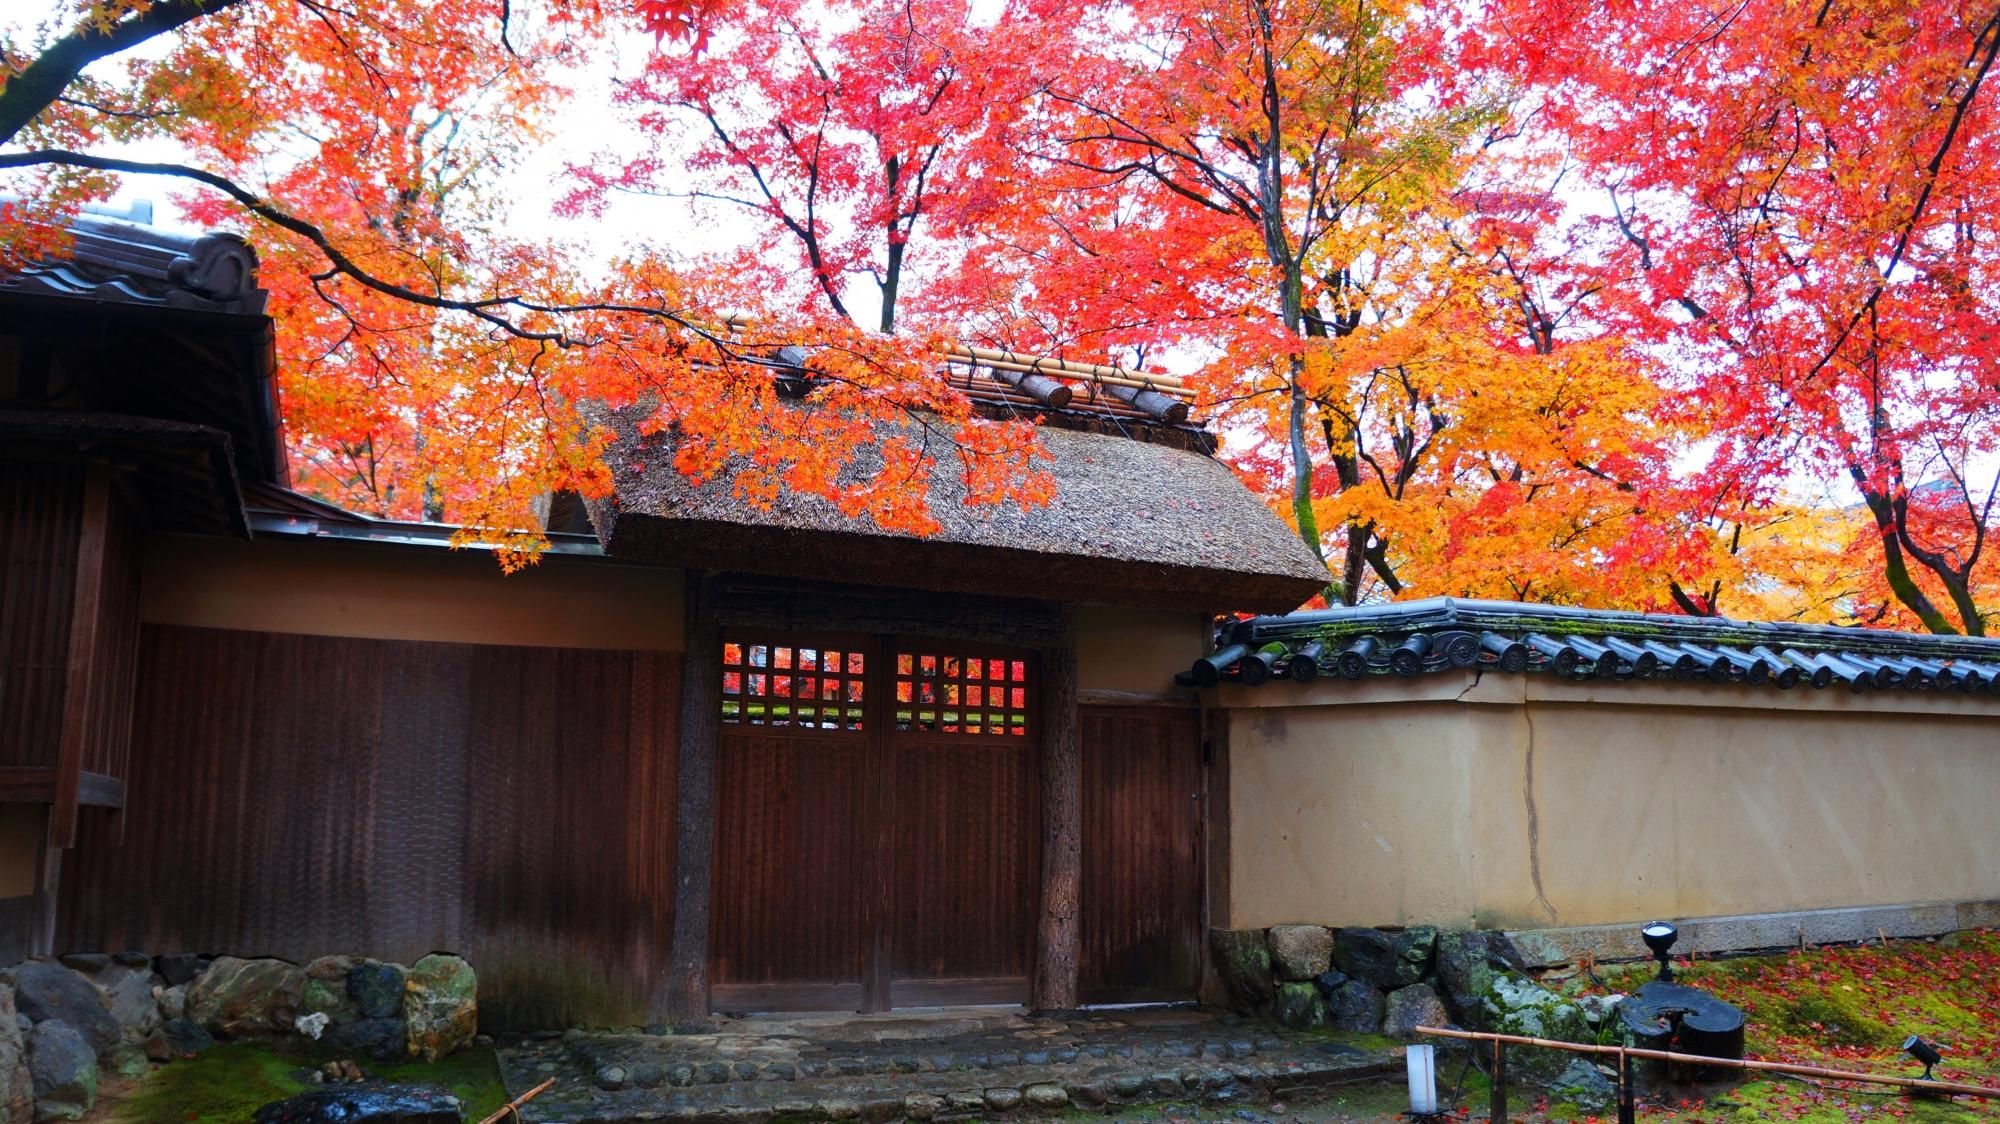 宝厳院の庭園の門と色とりどりの紅葉